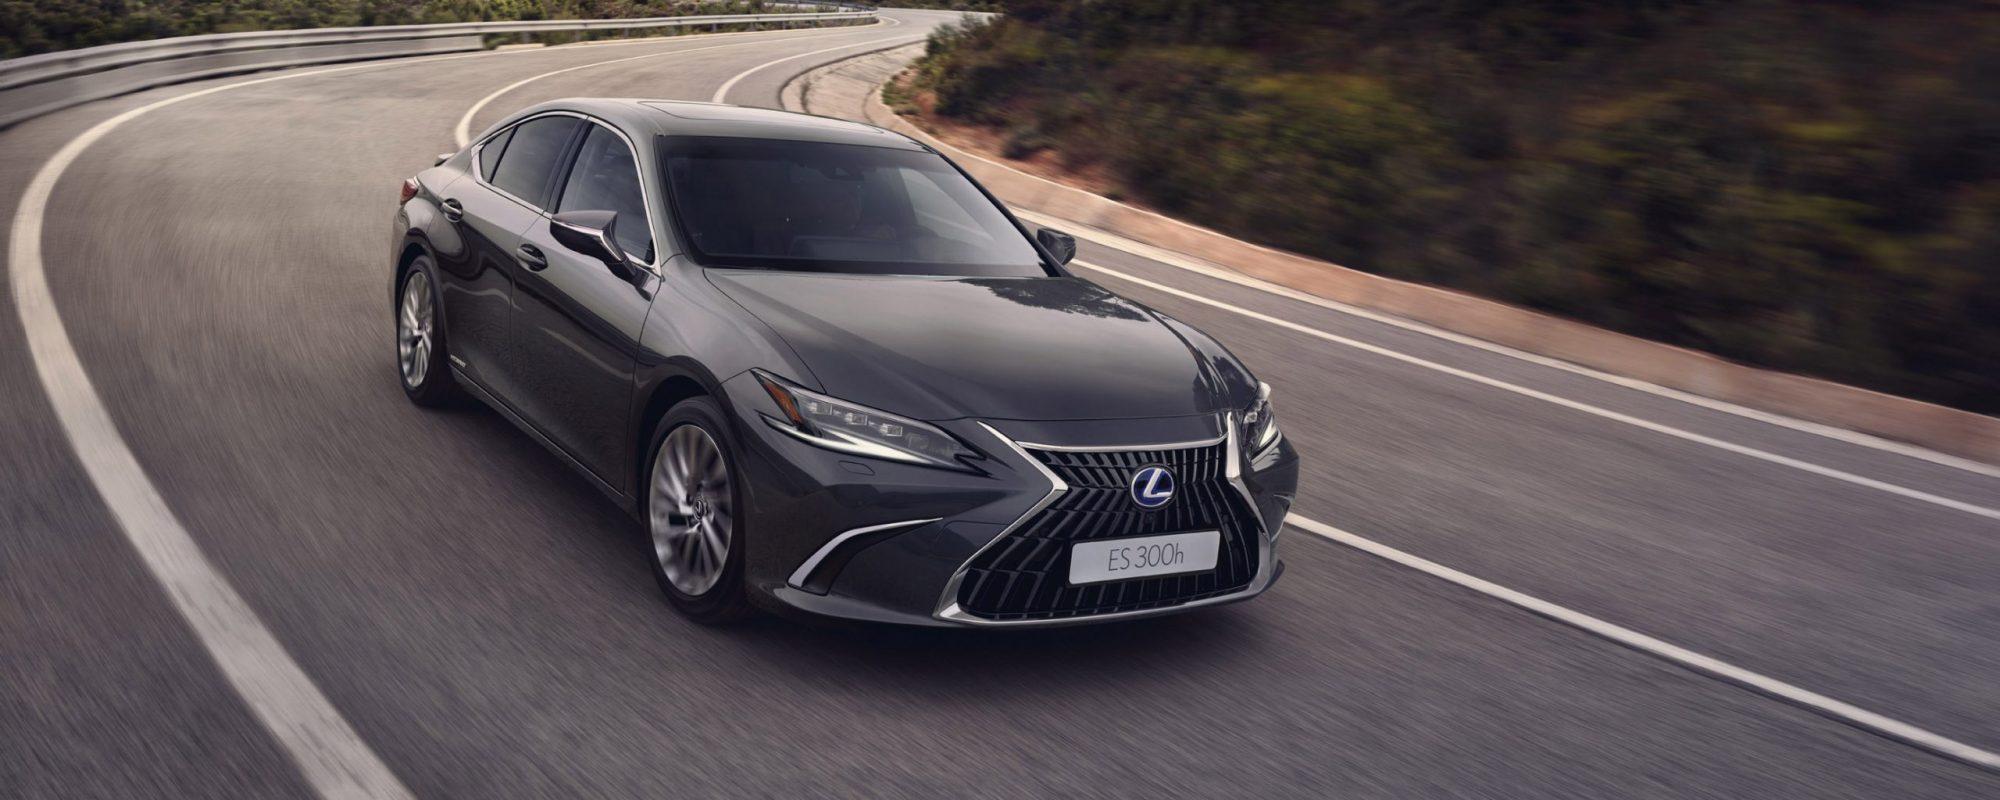 Verfijning tot in detail: de vernieuwde Lexus ES